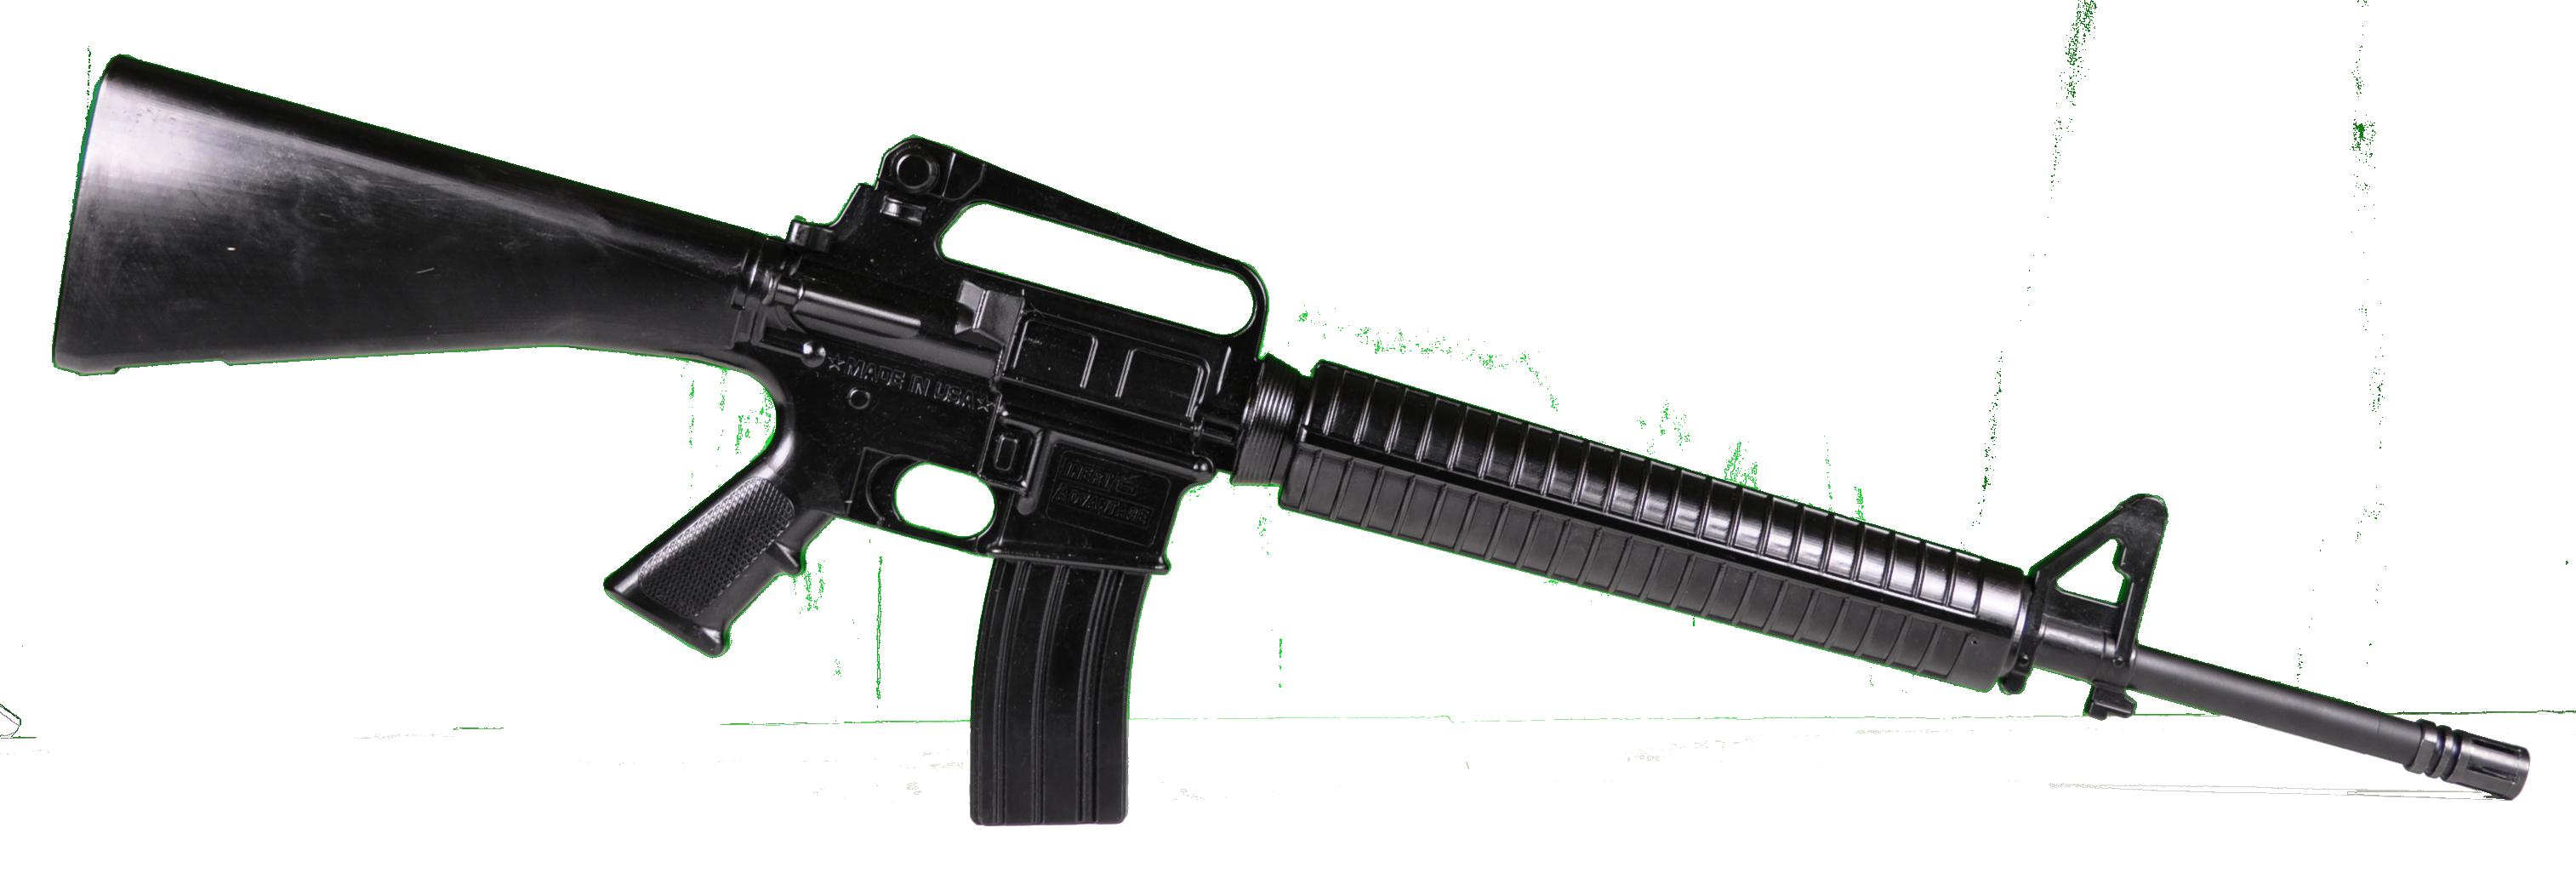 Assault Rifle PNG - 17697